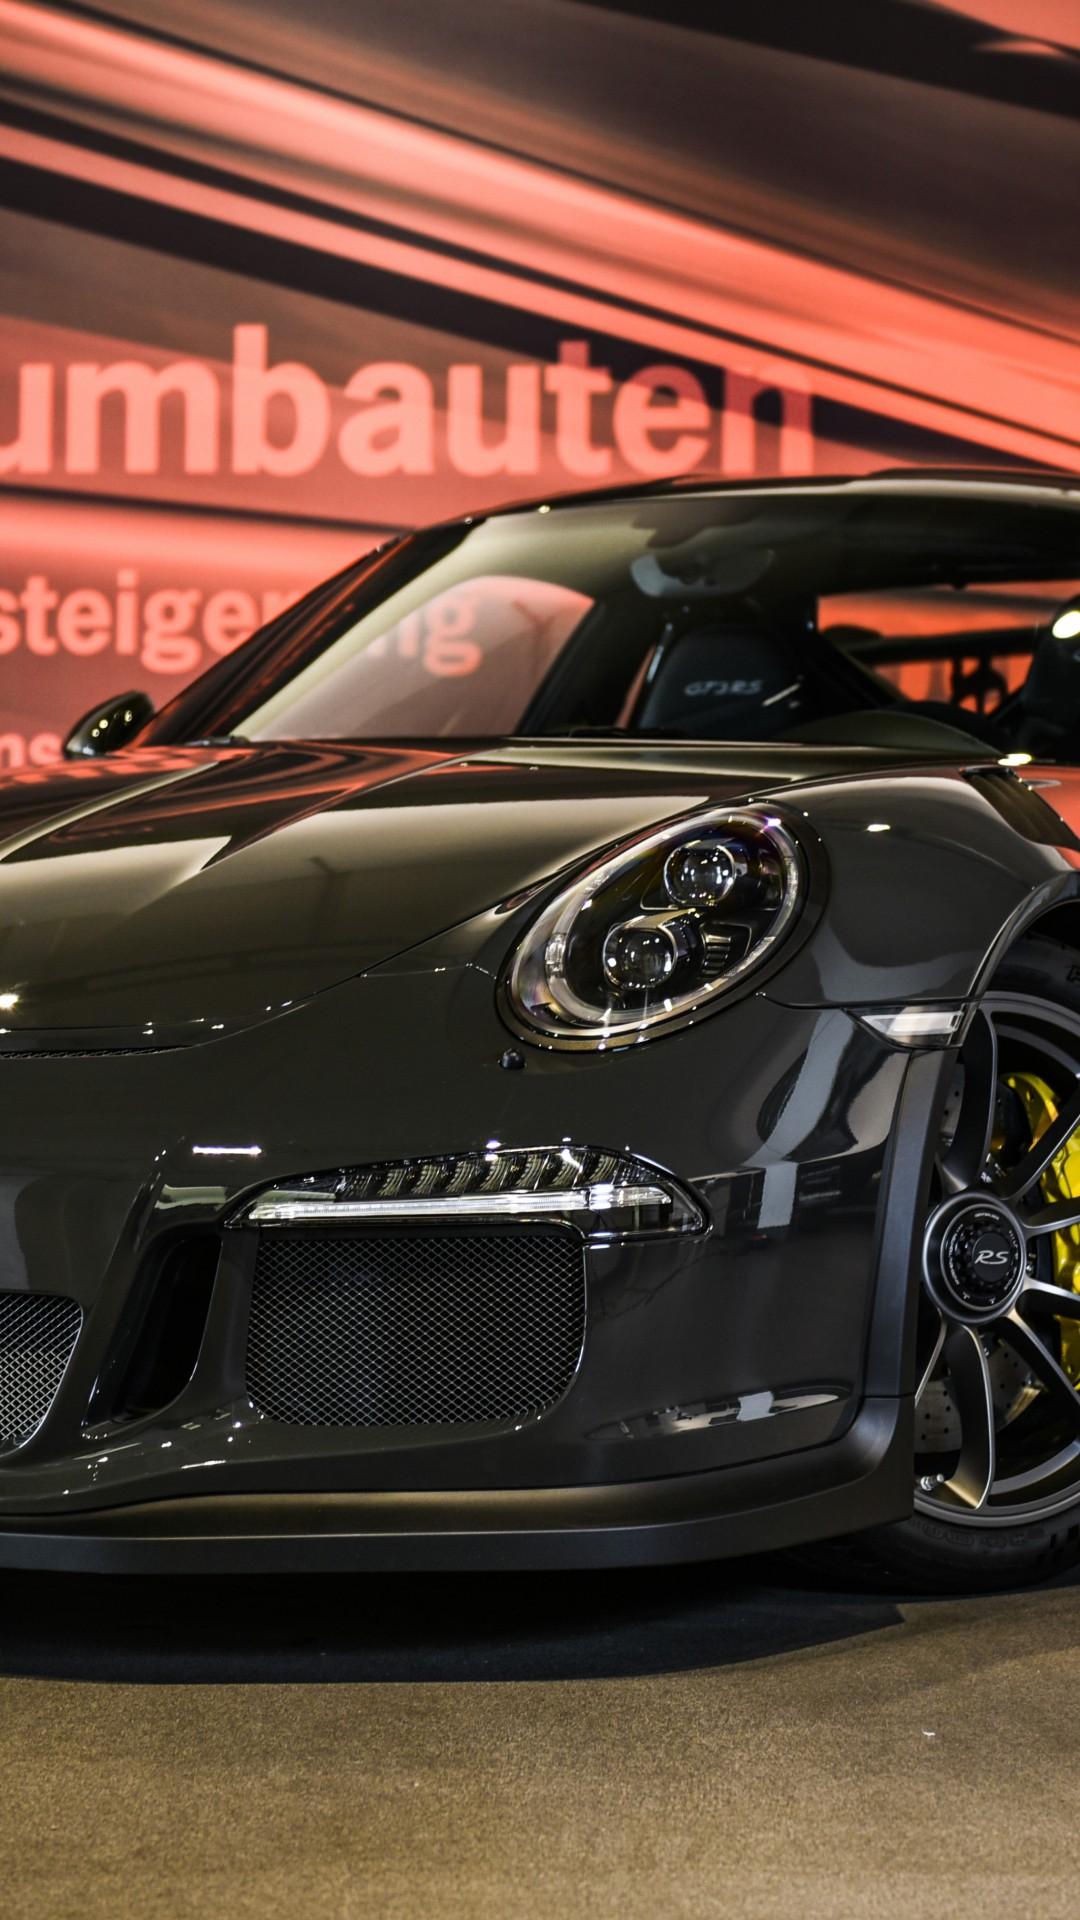 Porsche 911 Gt3 Rs Wallpaper Porsche 911 Gt3 Rs Black 1080x1920 Wallpaper Teahub Io